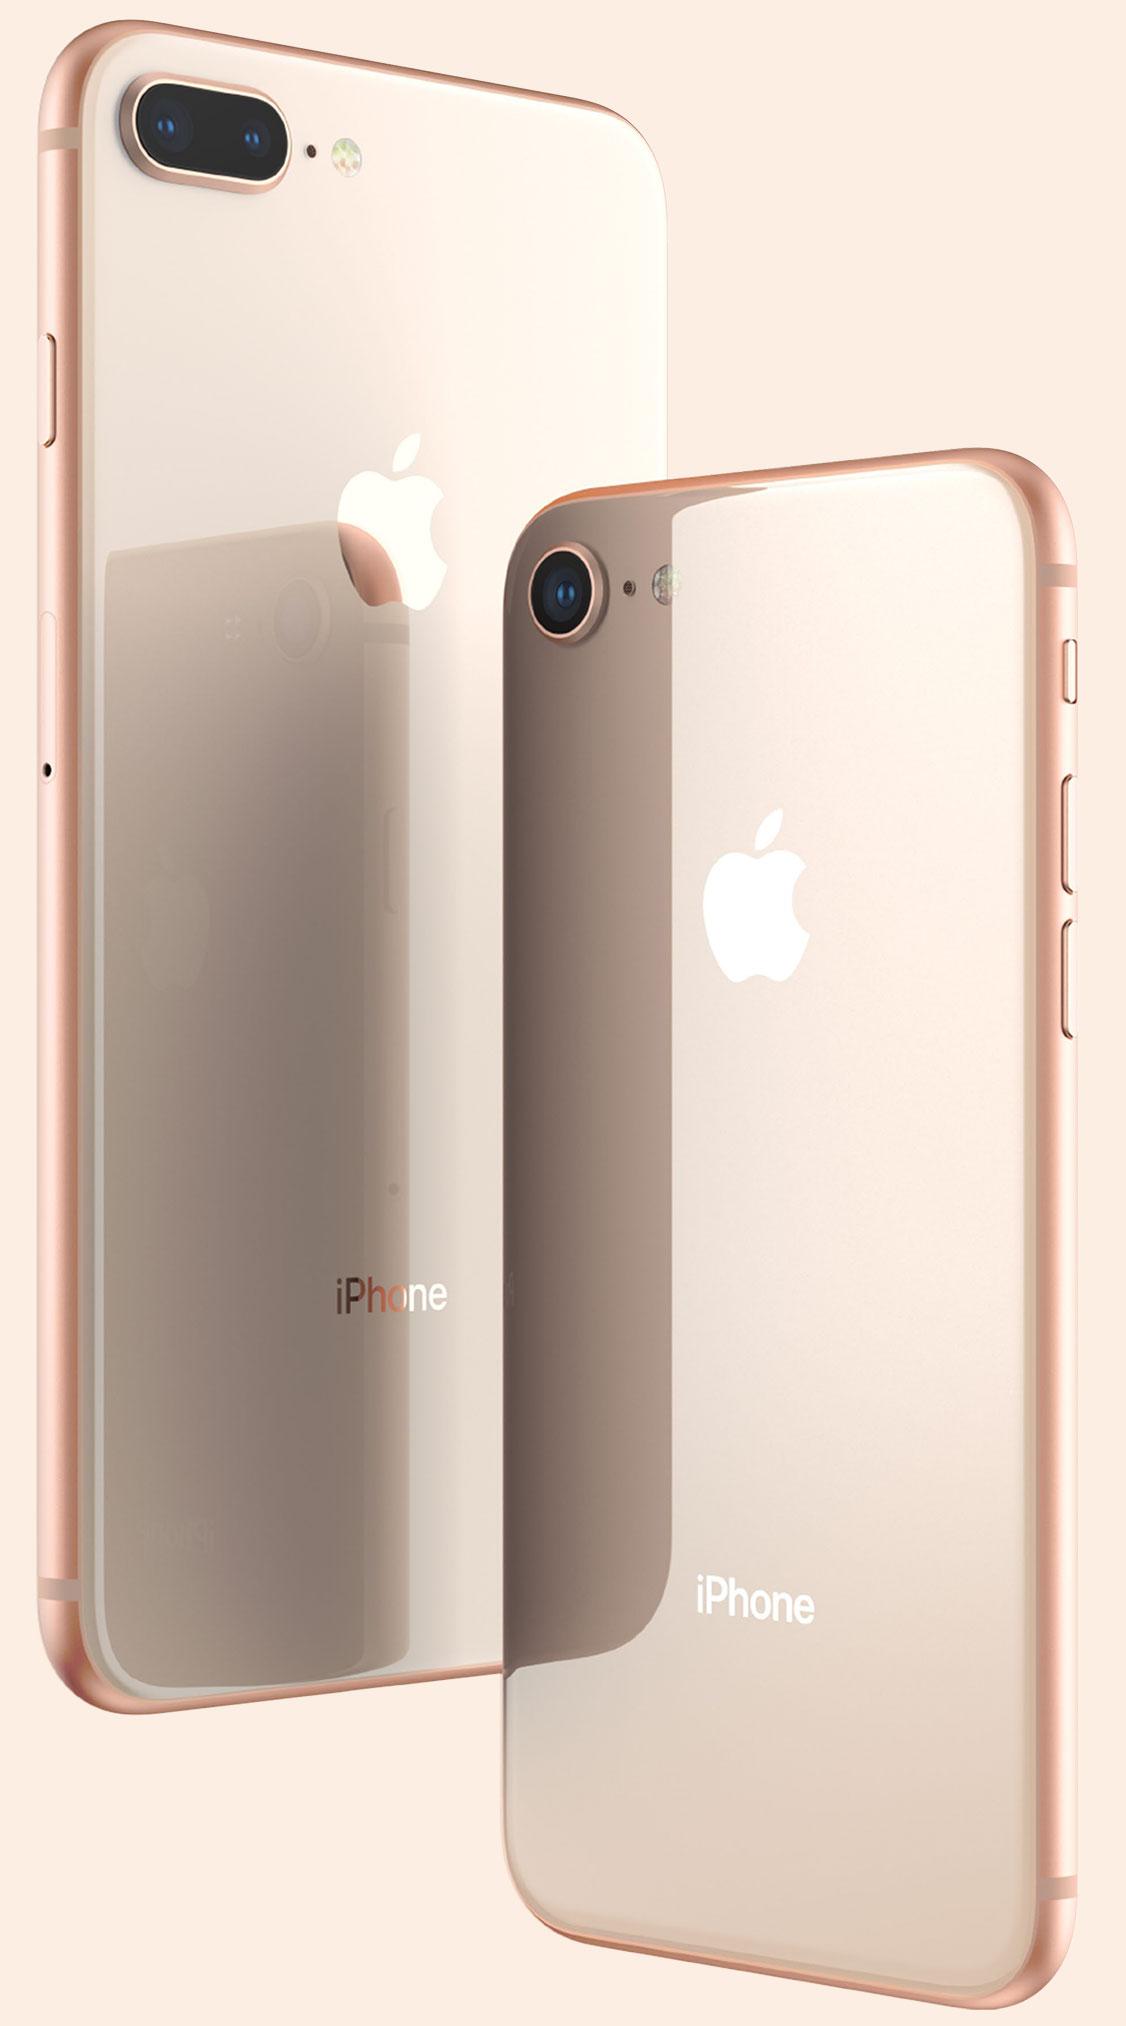 iPhone 8 | Imagine store : Imagine store